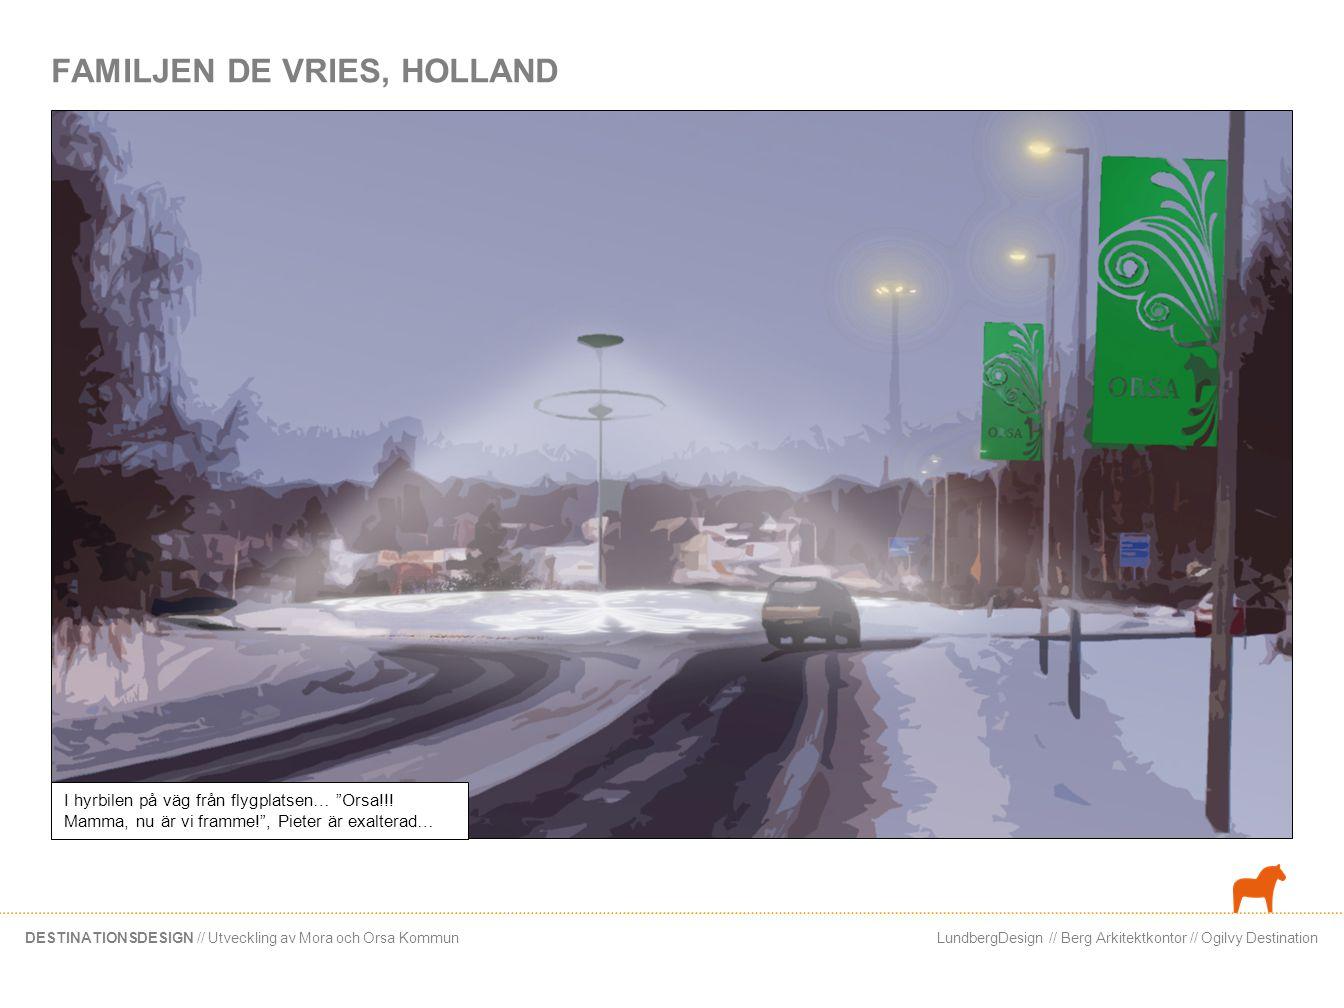 LundbergDesign // Berg Arkitektkontor // Ogilvy DestinationDESTINATIONSDESIGN // Utveckling av Mora och Orsa Kommun FAMILJEN DE VRIES, HOLLAND I hyrbi